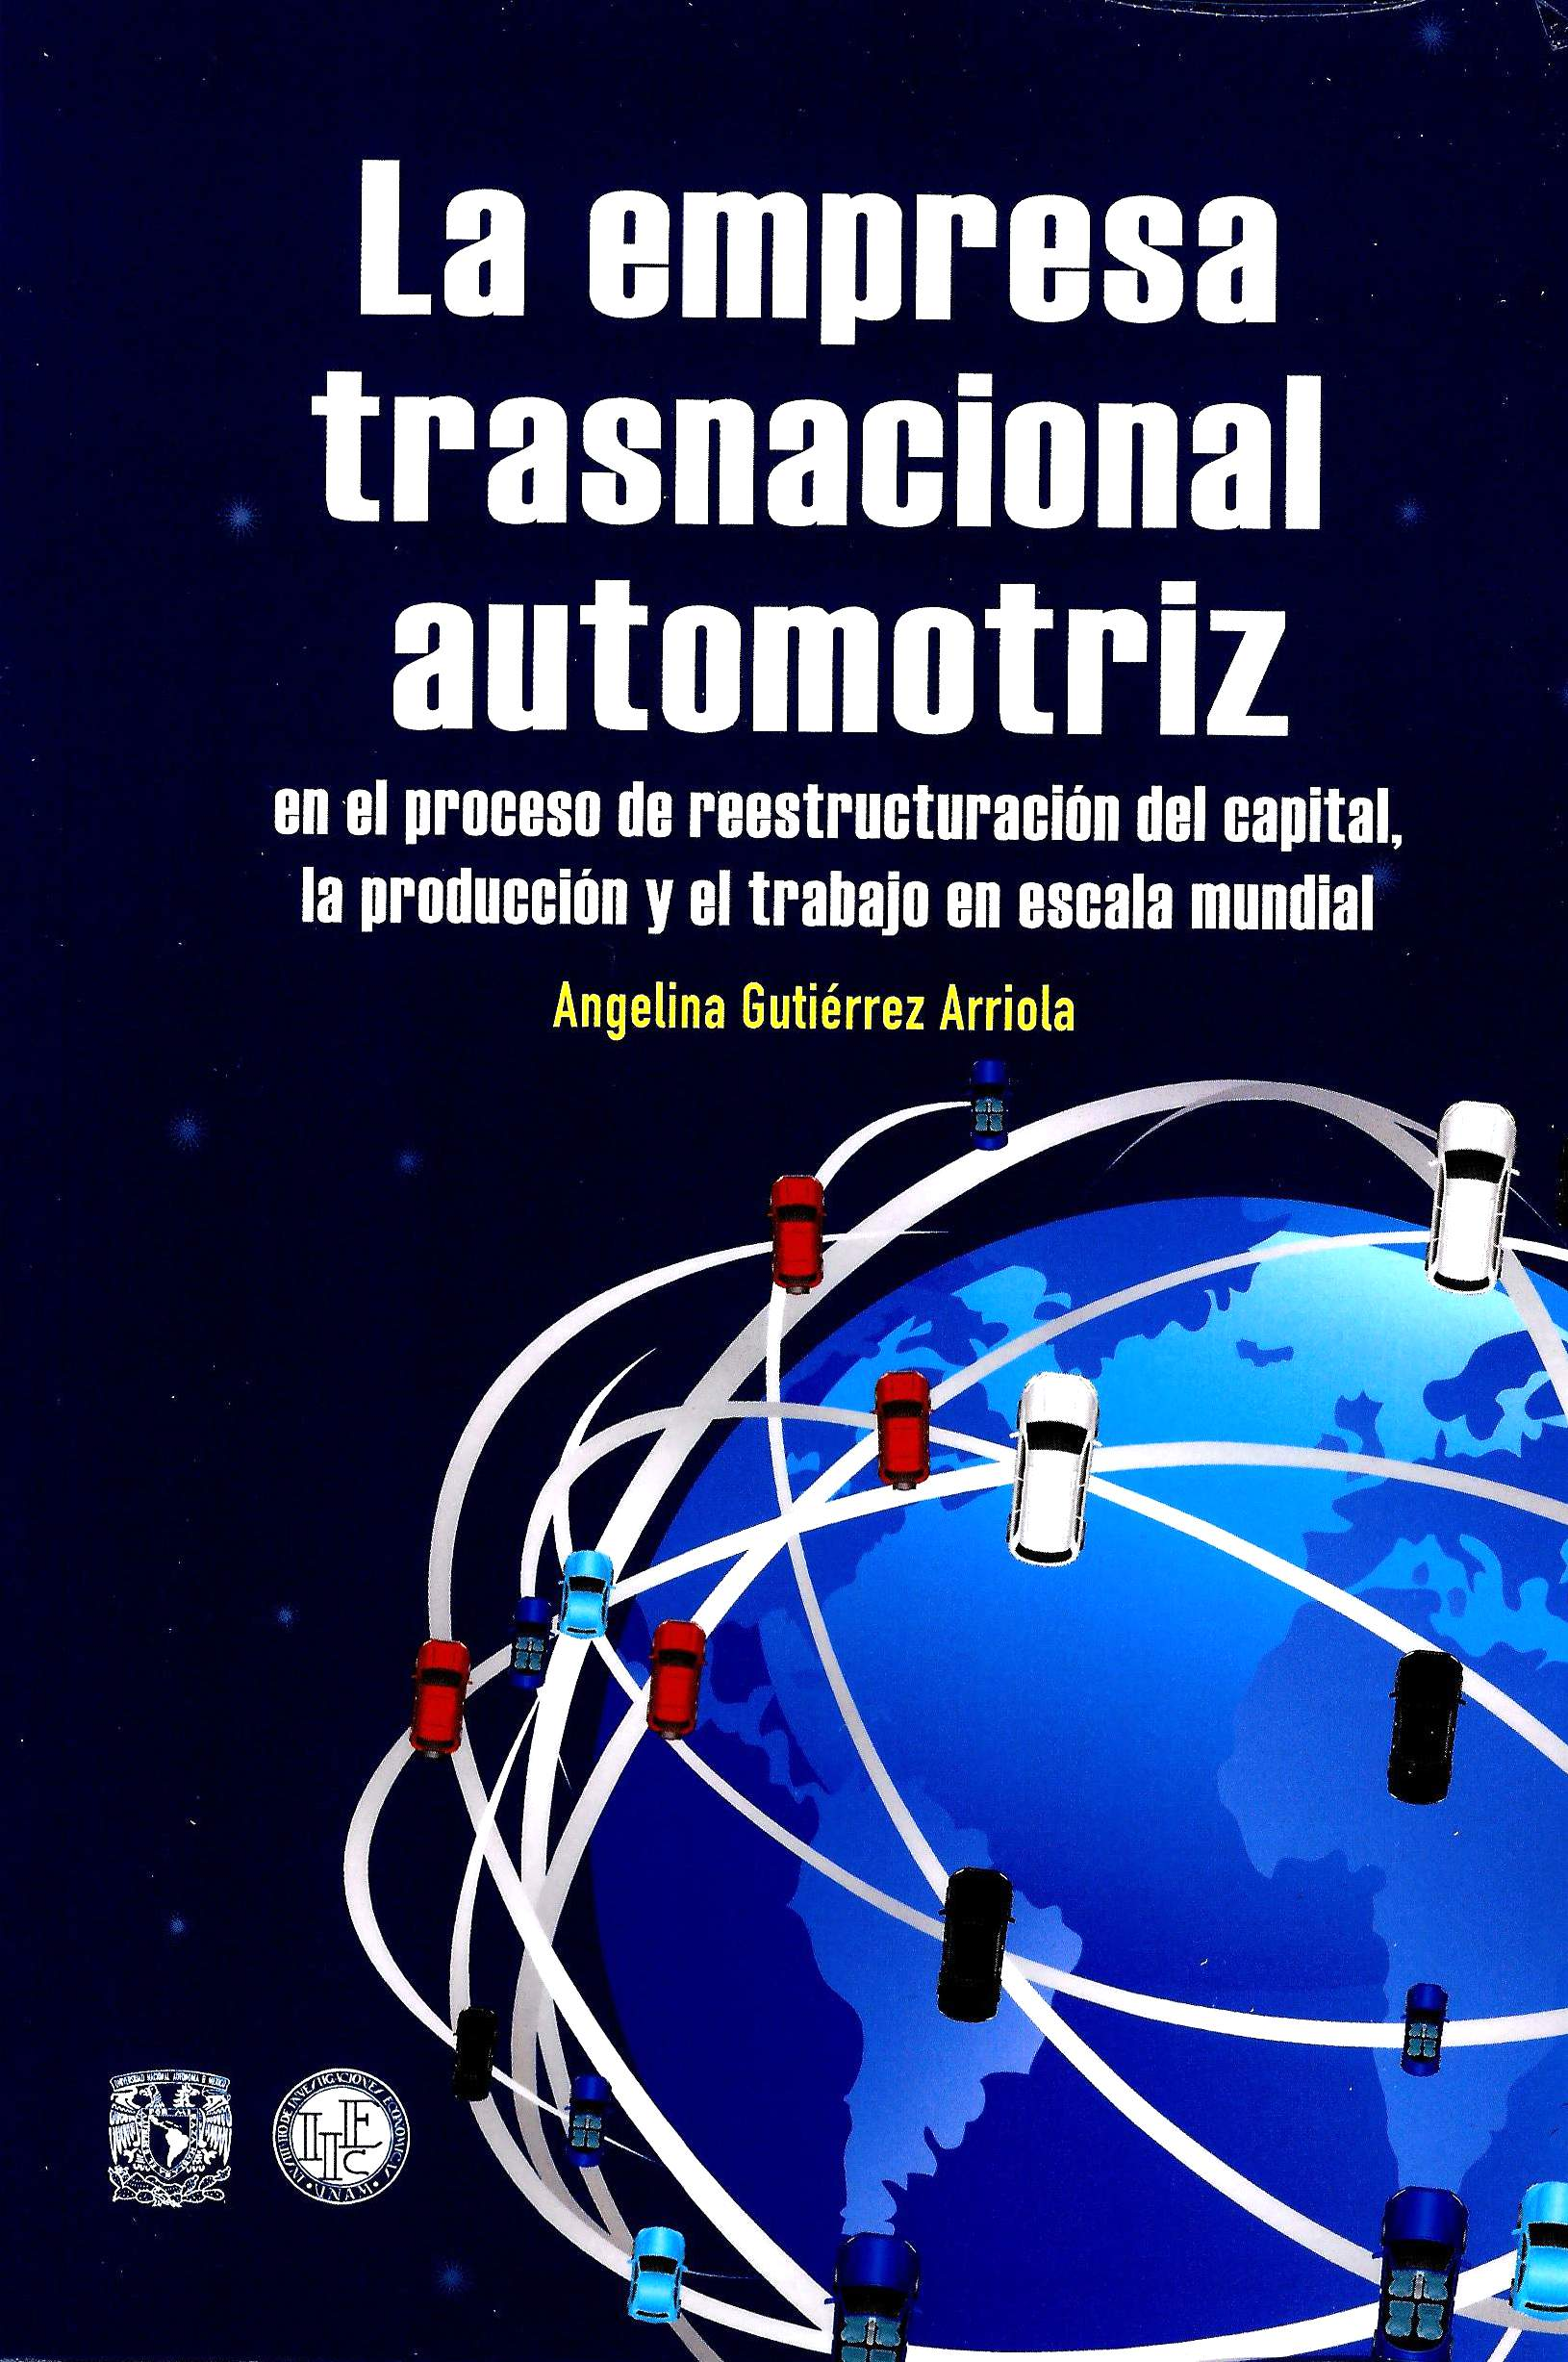 La empresa trasnacional automotriz en el proceso de reestructuración del capital, la producción y el trabajo en escala mundial